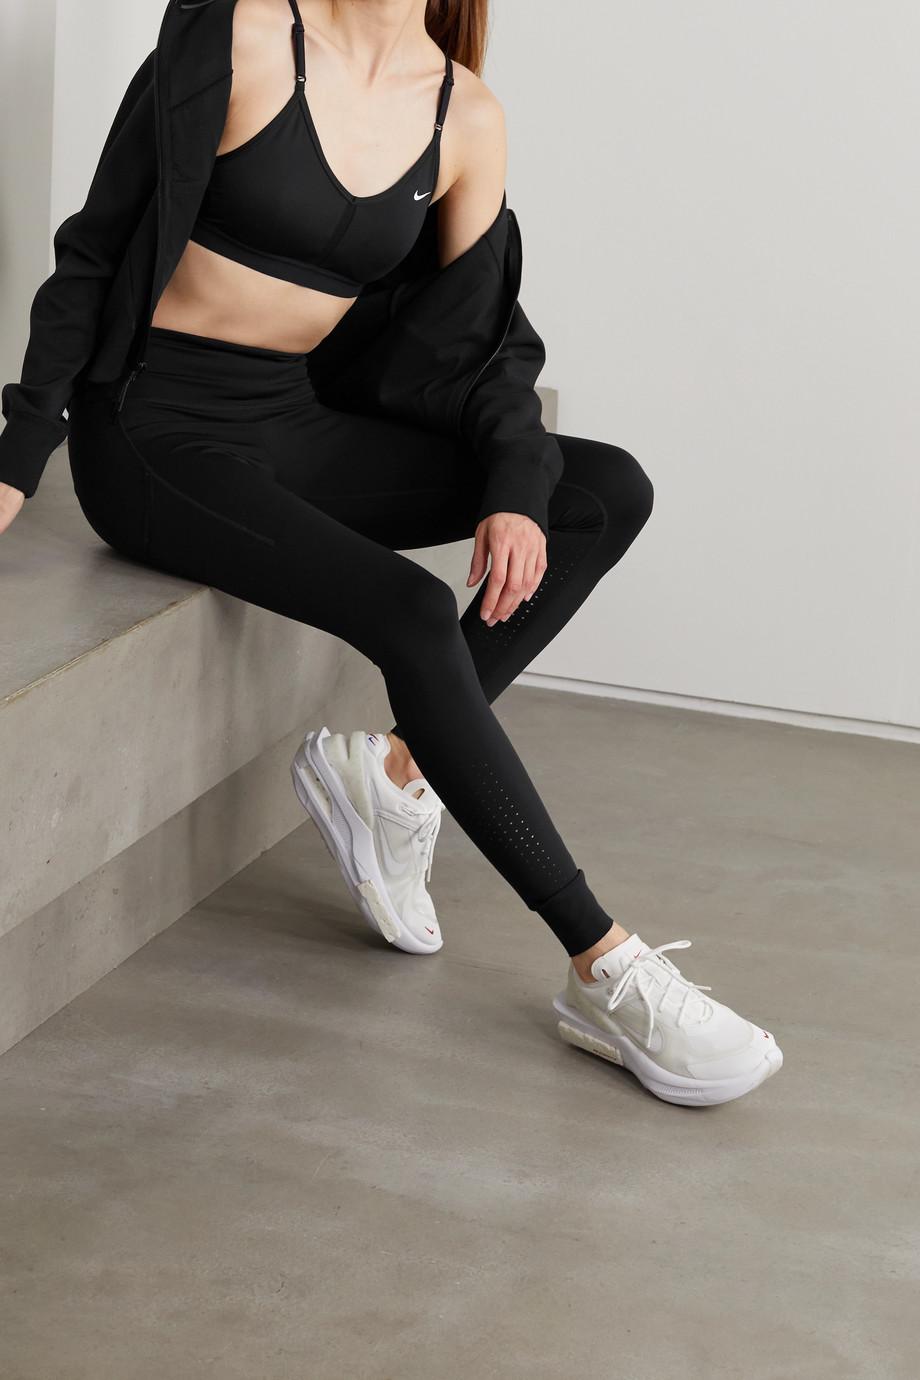 Nike Indy mesh-trimmed Dri-FIT stretch sports bra